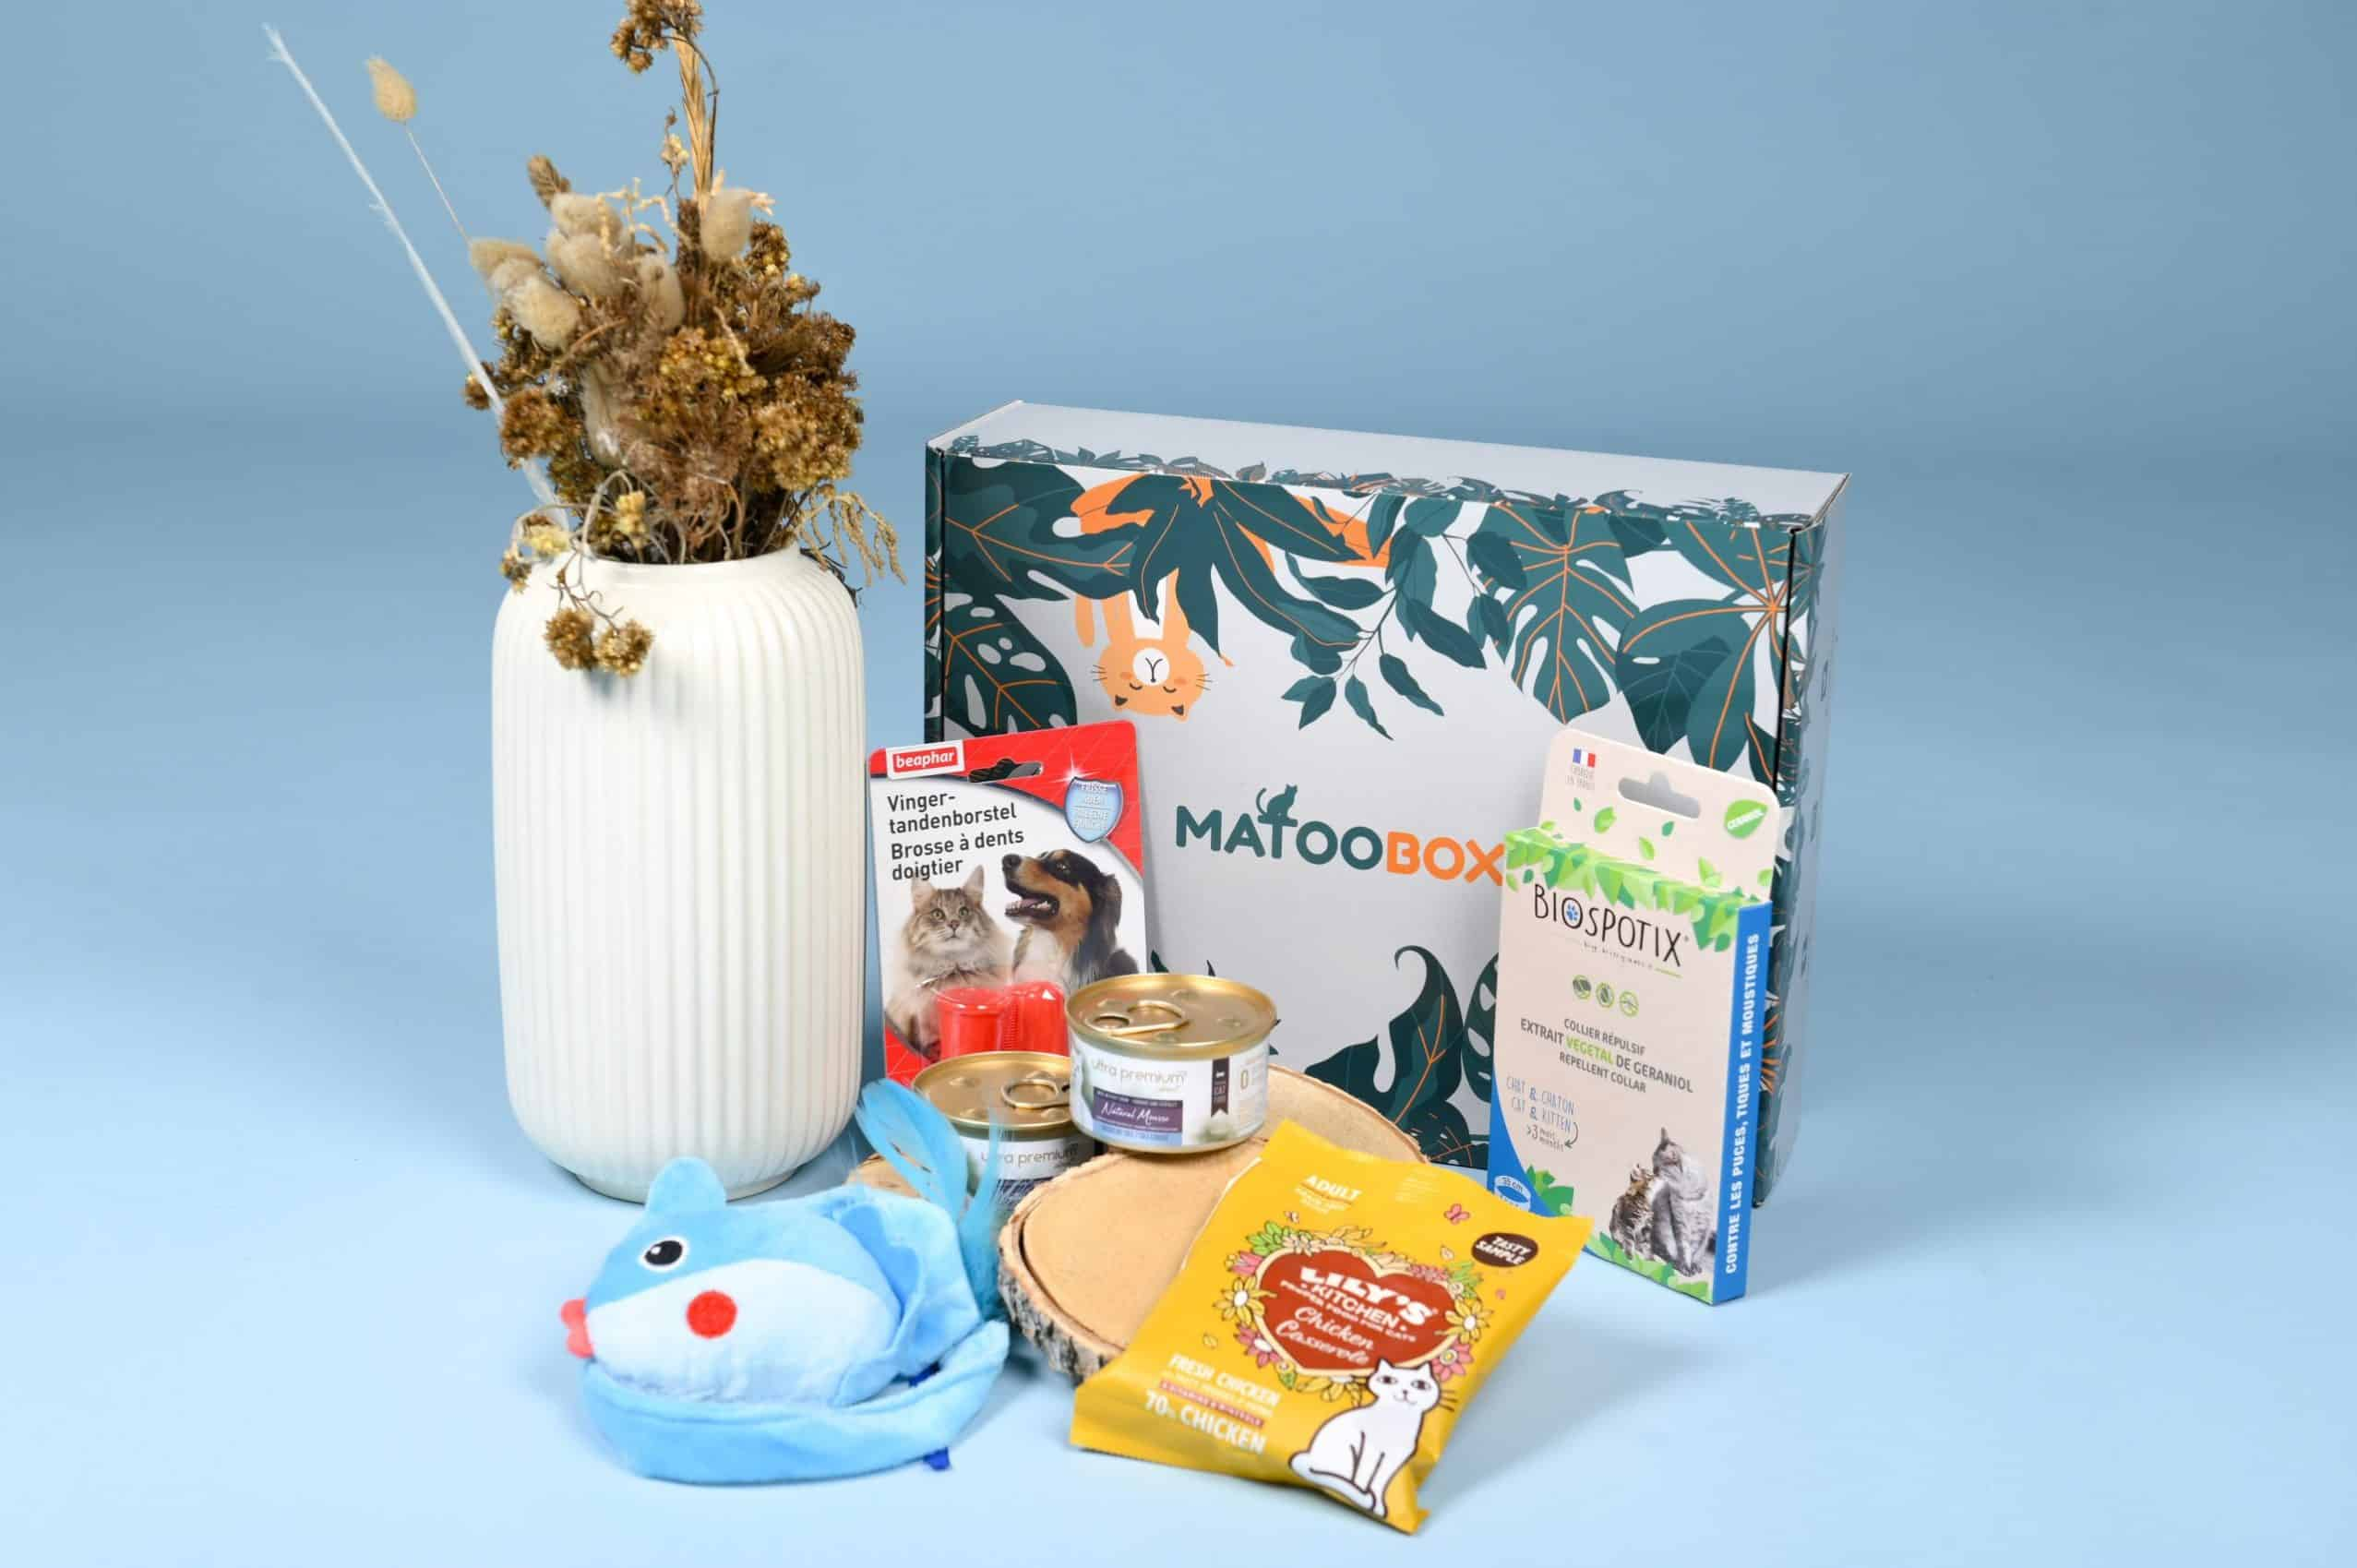 Matoobox septembre 2020